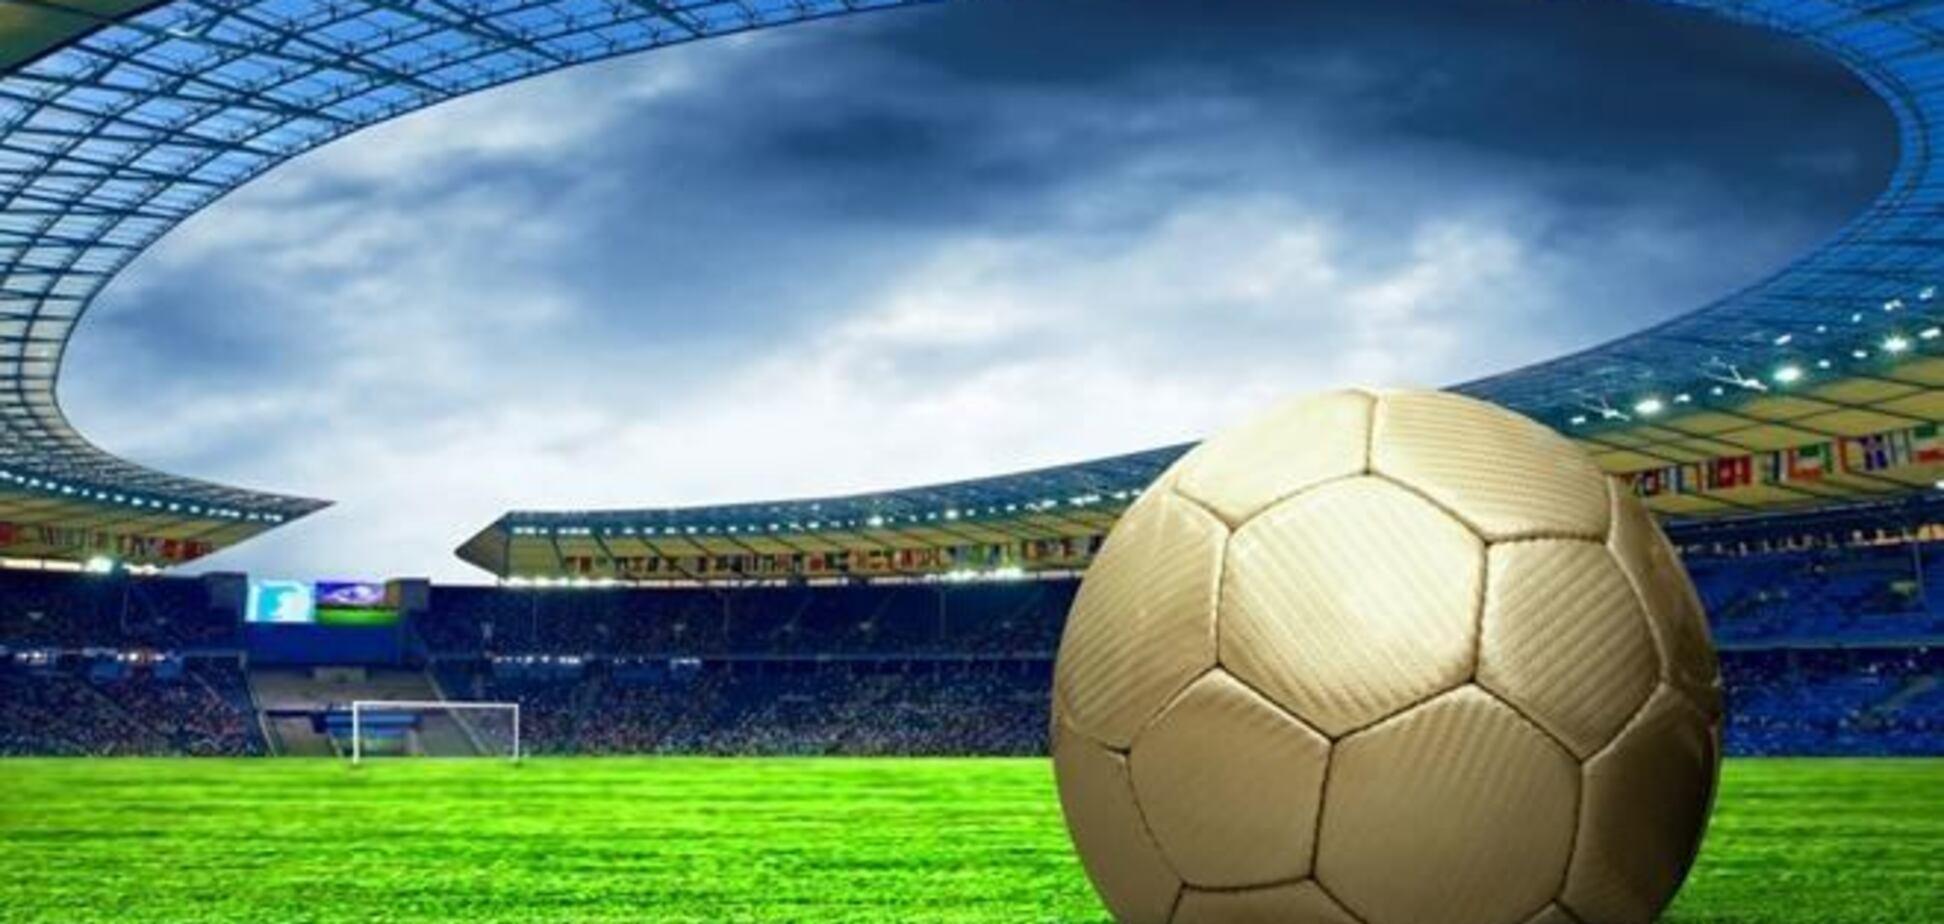 В Италии потратят 45 млн евро на строительство новых стадионов